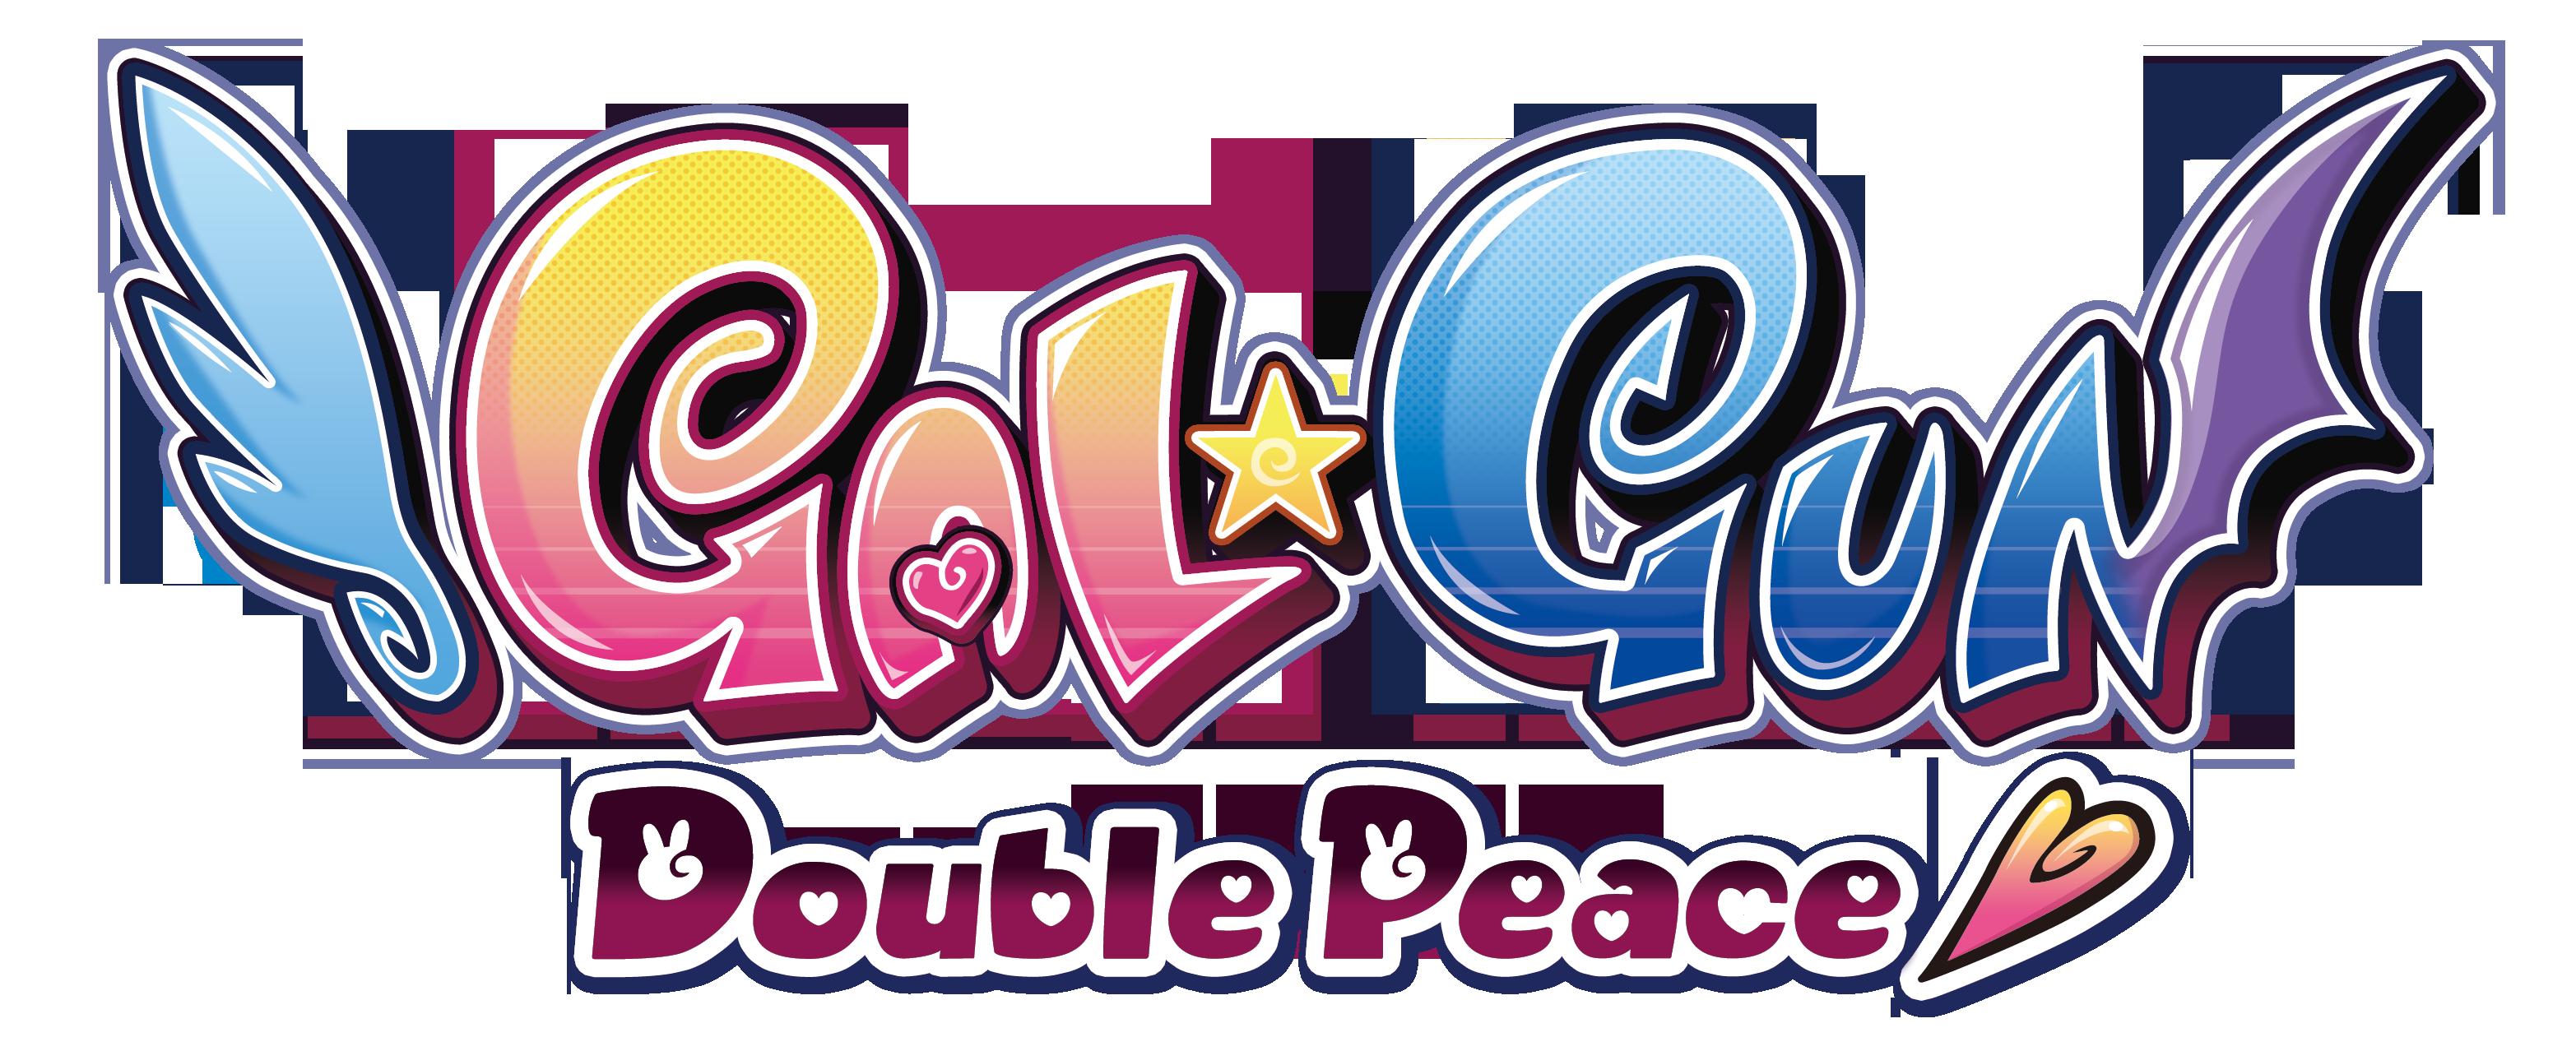 GALGUN_logo